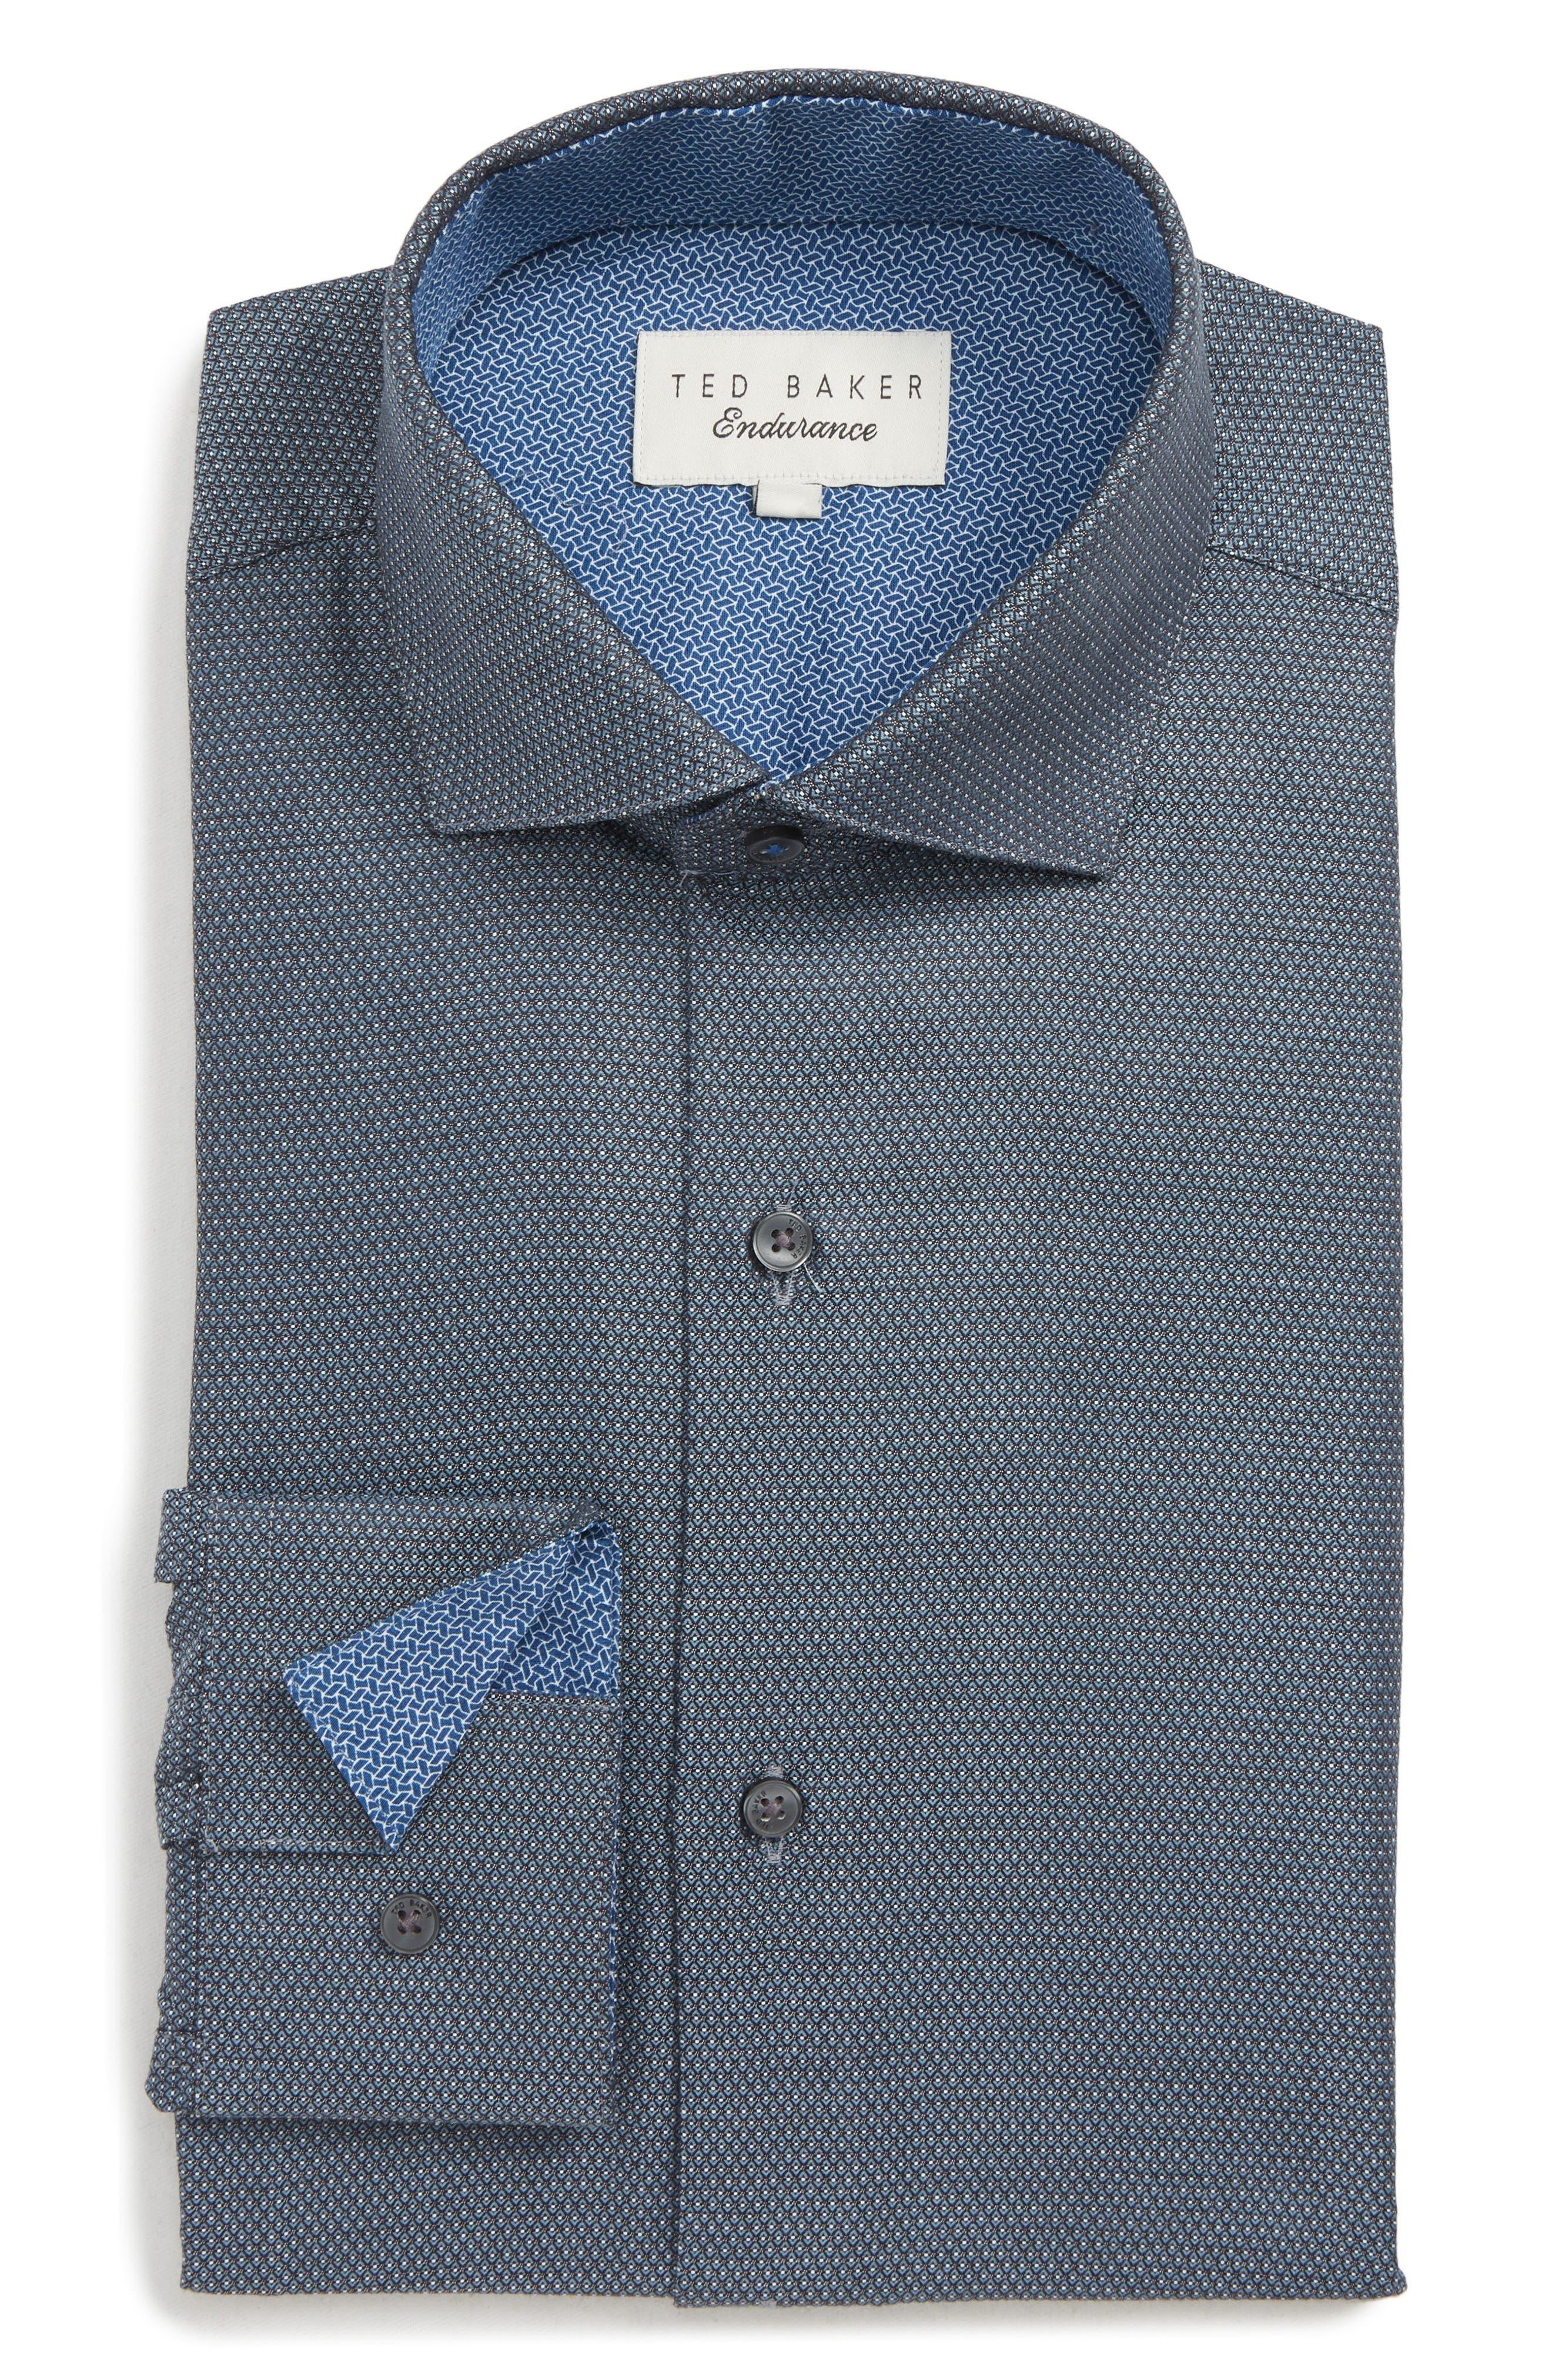 Coorm Trim Fit Geometric Dress Shirt,                         Main,                         color, BLACK